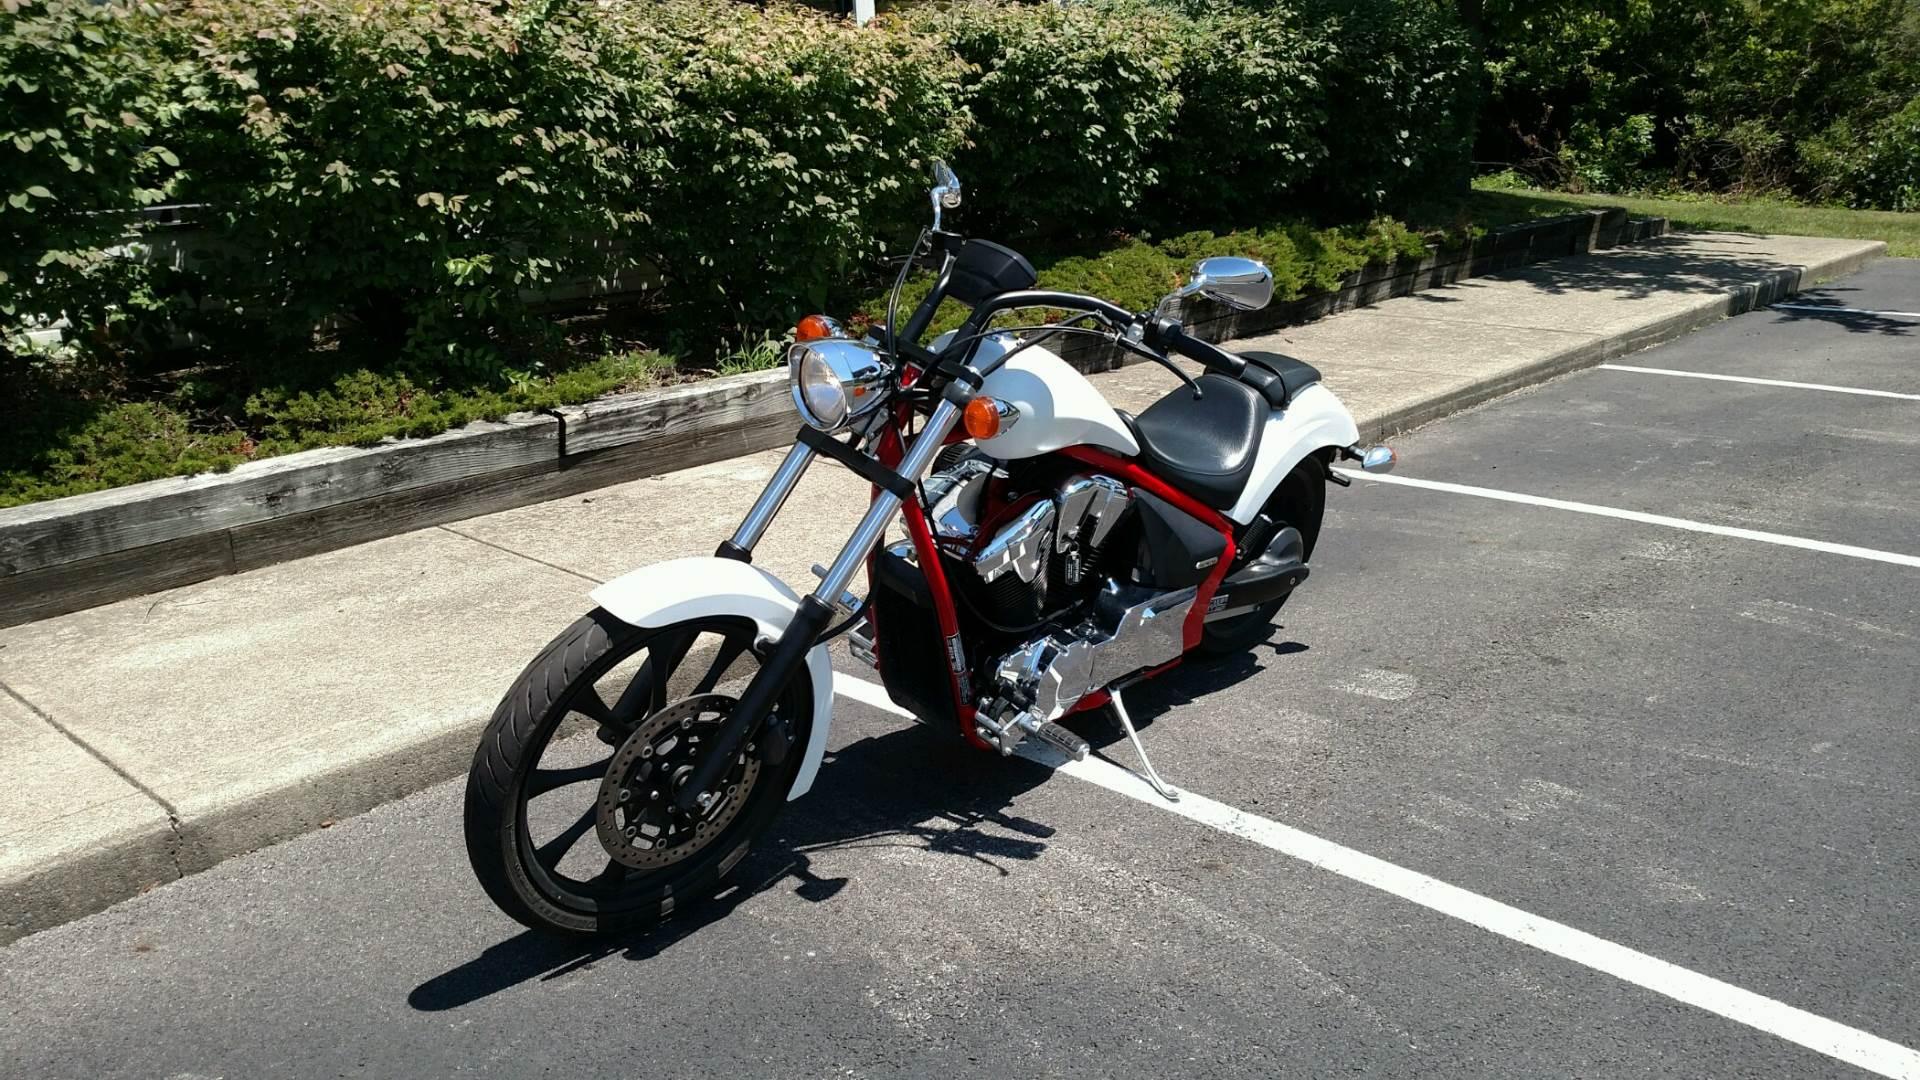 Used 2014 Honda Fury™ Motorcycles in Columbus, OH